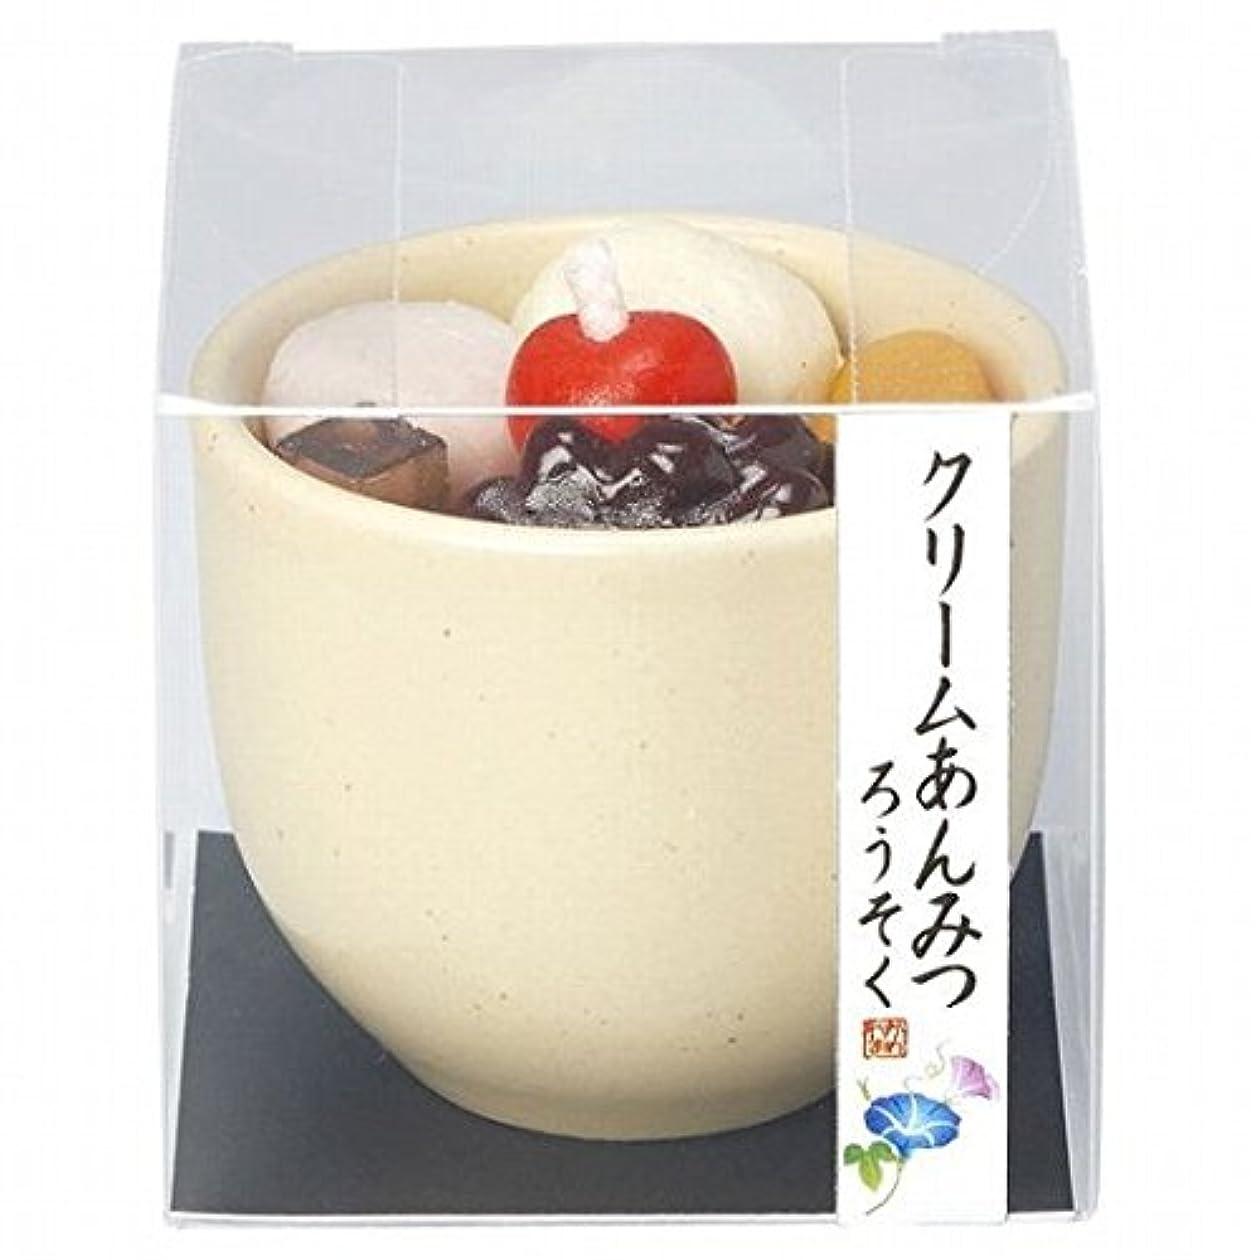 ショッキングブレイズスキームkameyama candle(カメヤマキャンドル) クリームあんみつキャンドル(86220000)